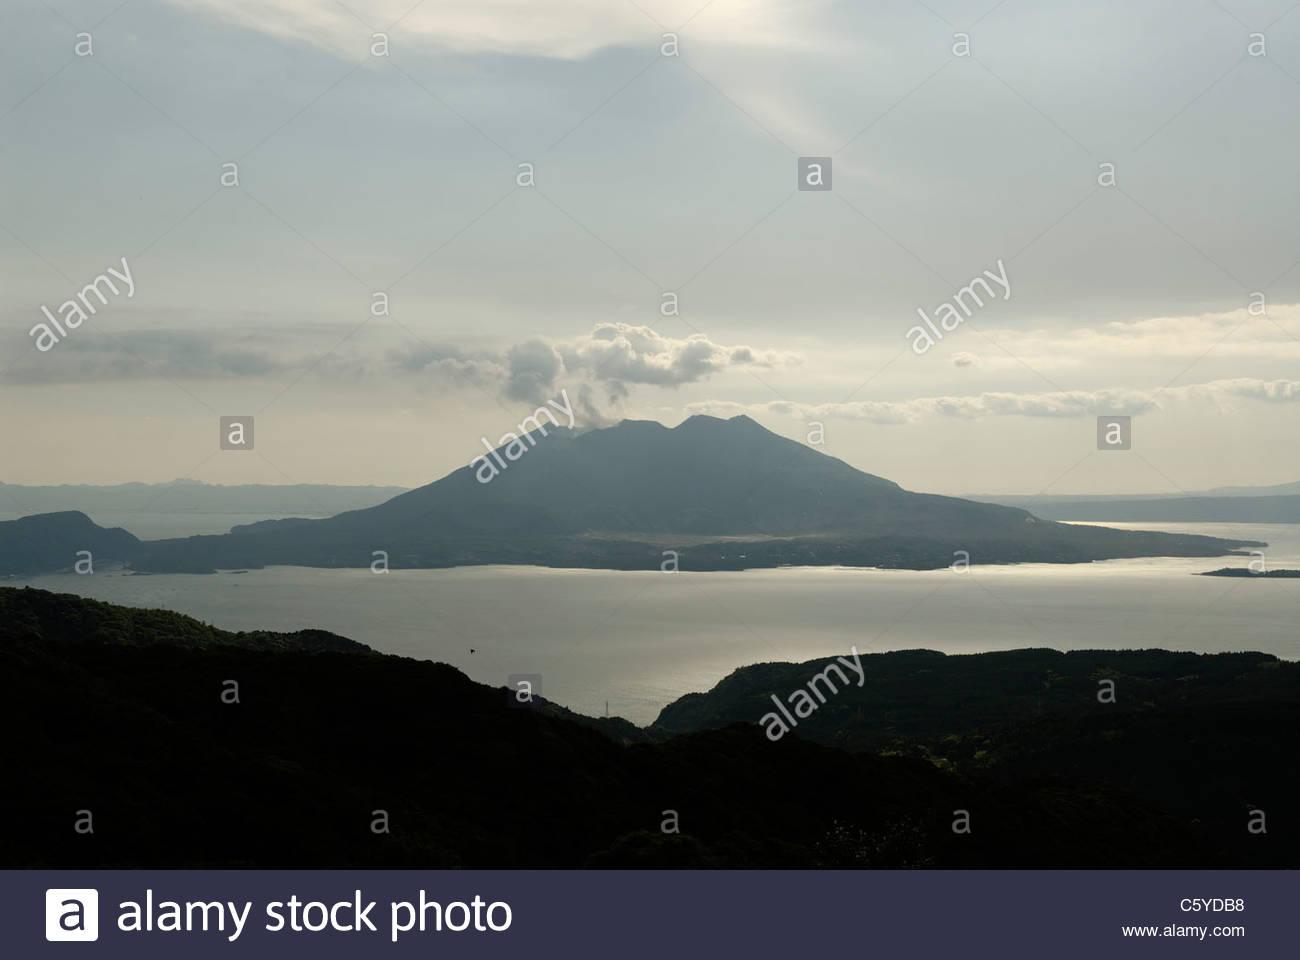 volcano Sakurajima near Kagoshima on Kyushu - Stock Image